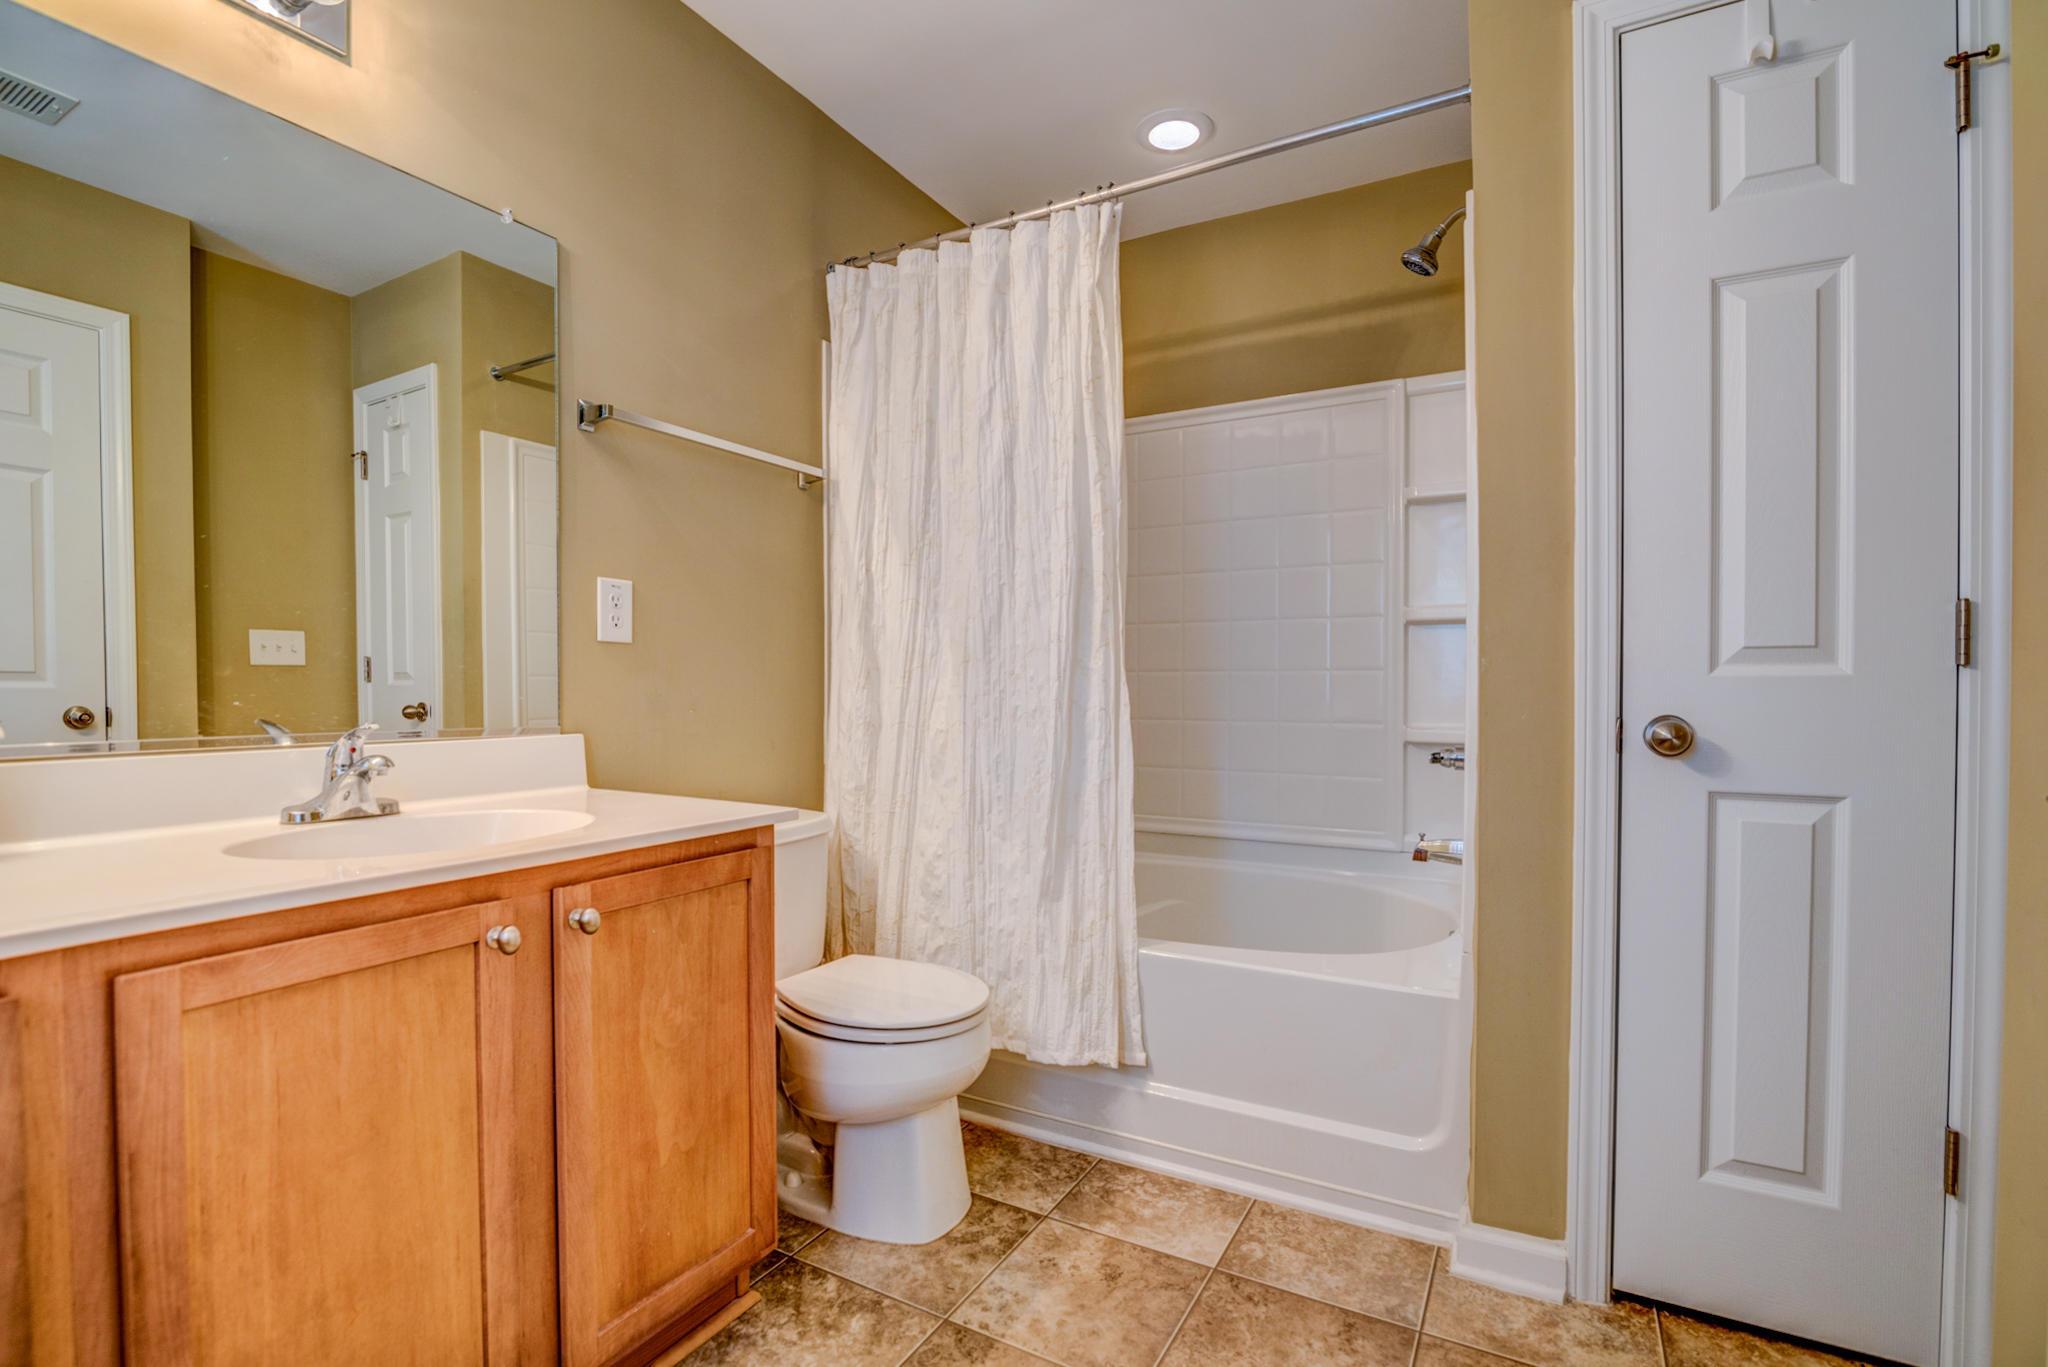 Park West Homes For Sale - 3001 Parkwest, Mount Pleasant, SC - 7